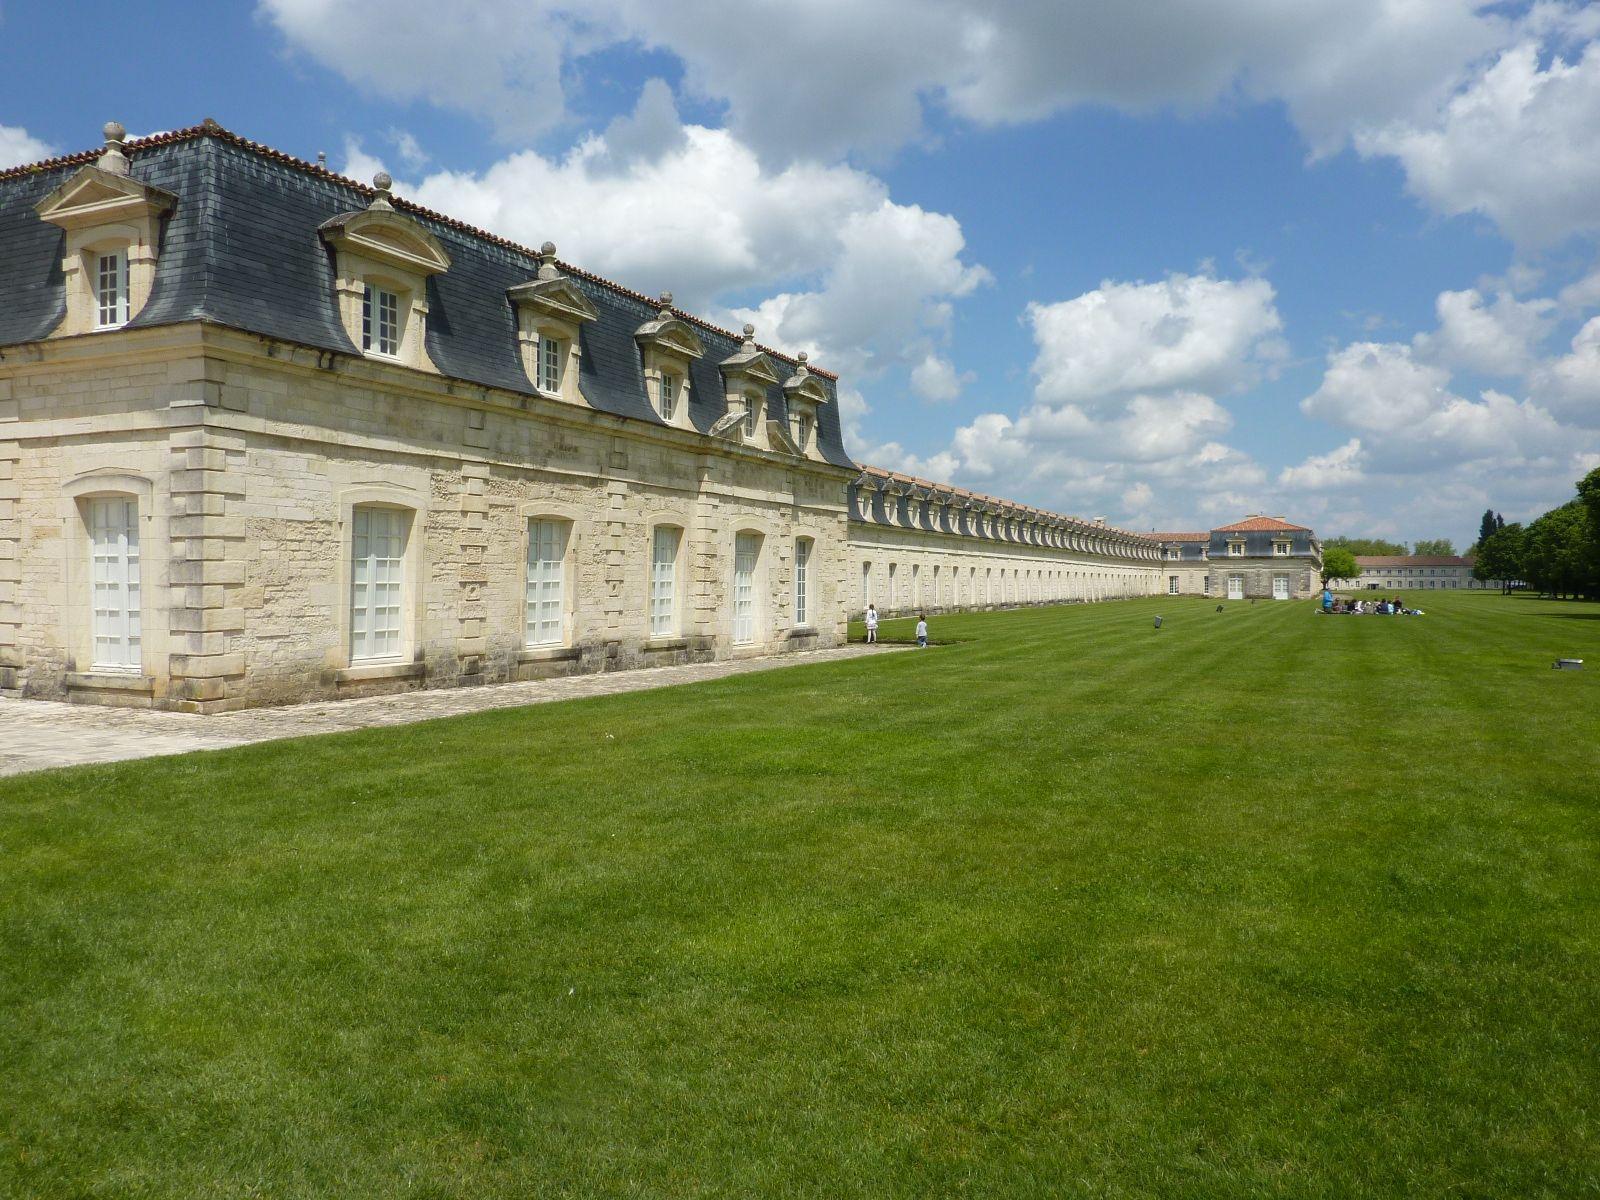 La corderie royale à Rochefort sur mer  (Charente maritime )